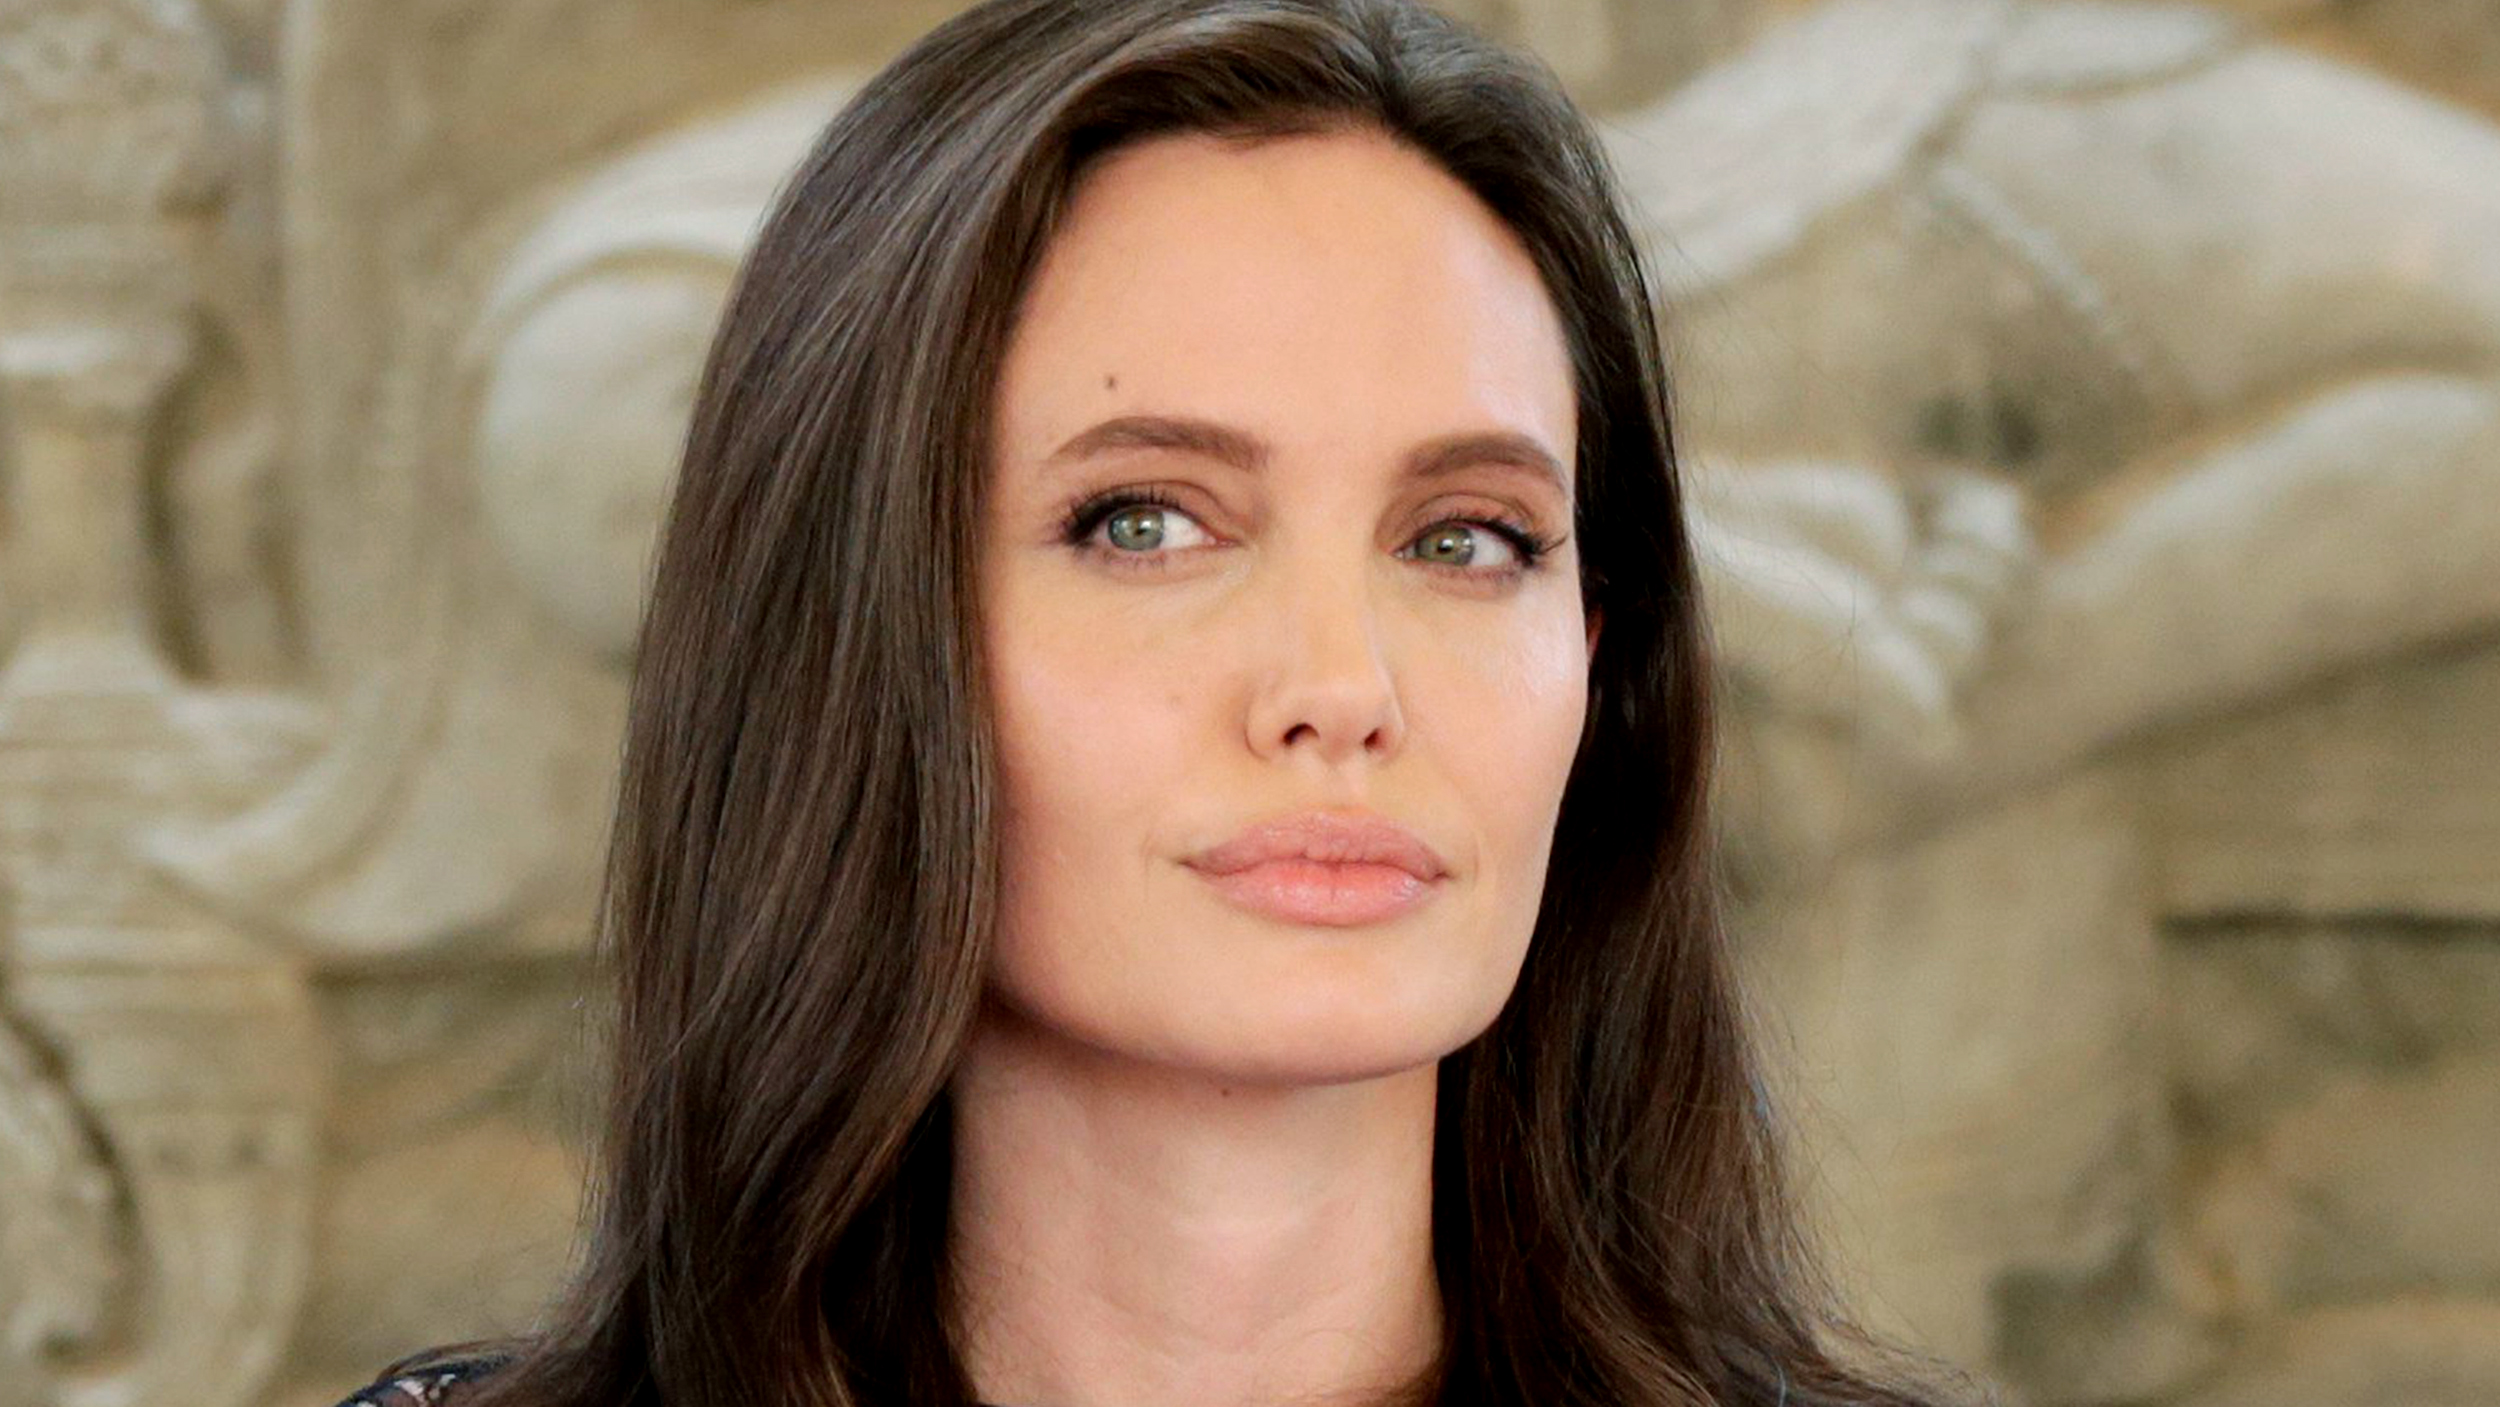 О недопустимом поведении продюсера рассказала и Анджелина Джоли: «У меня был плохой опыт с Харви Вай